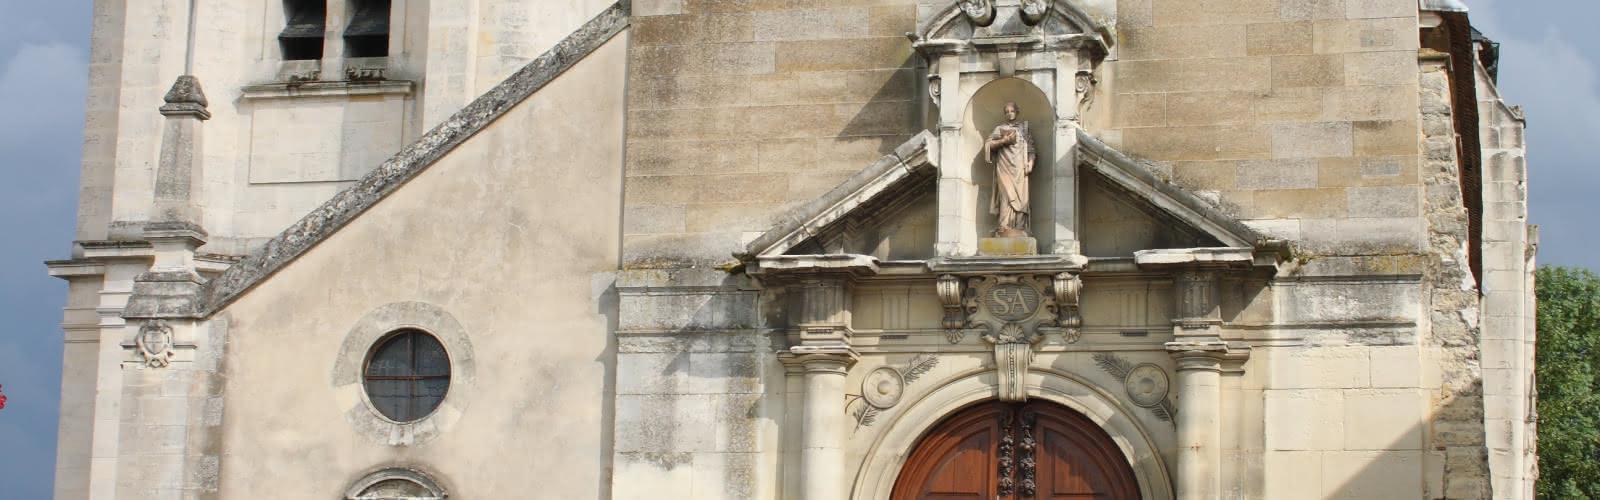 façade donnant sur la place de l'église.